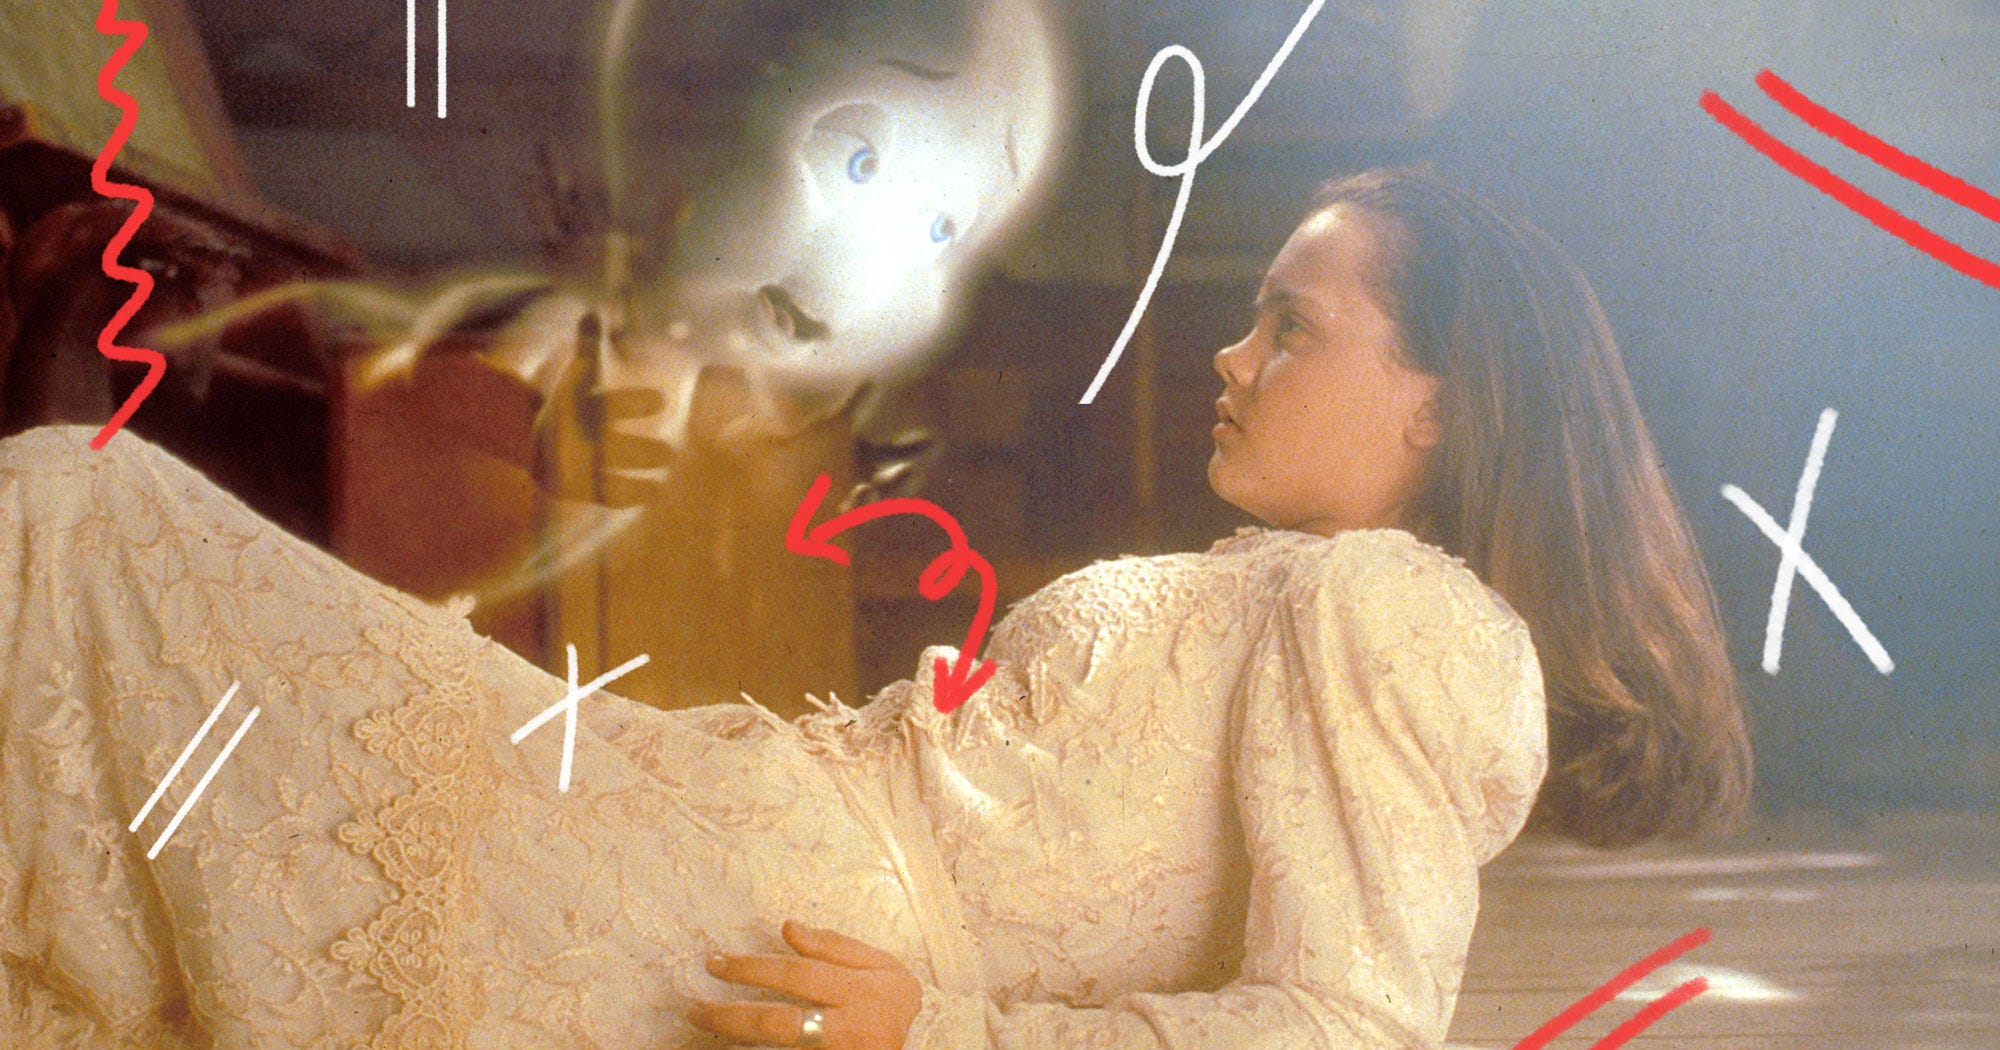 Casper Friendly Ghost Teaches Tragic Lesson About Death